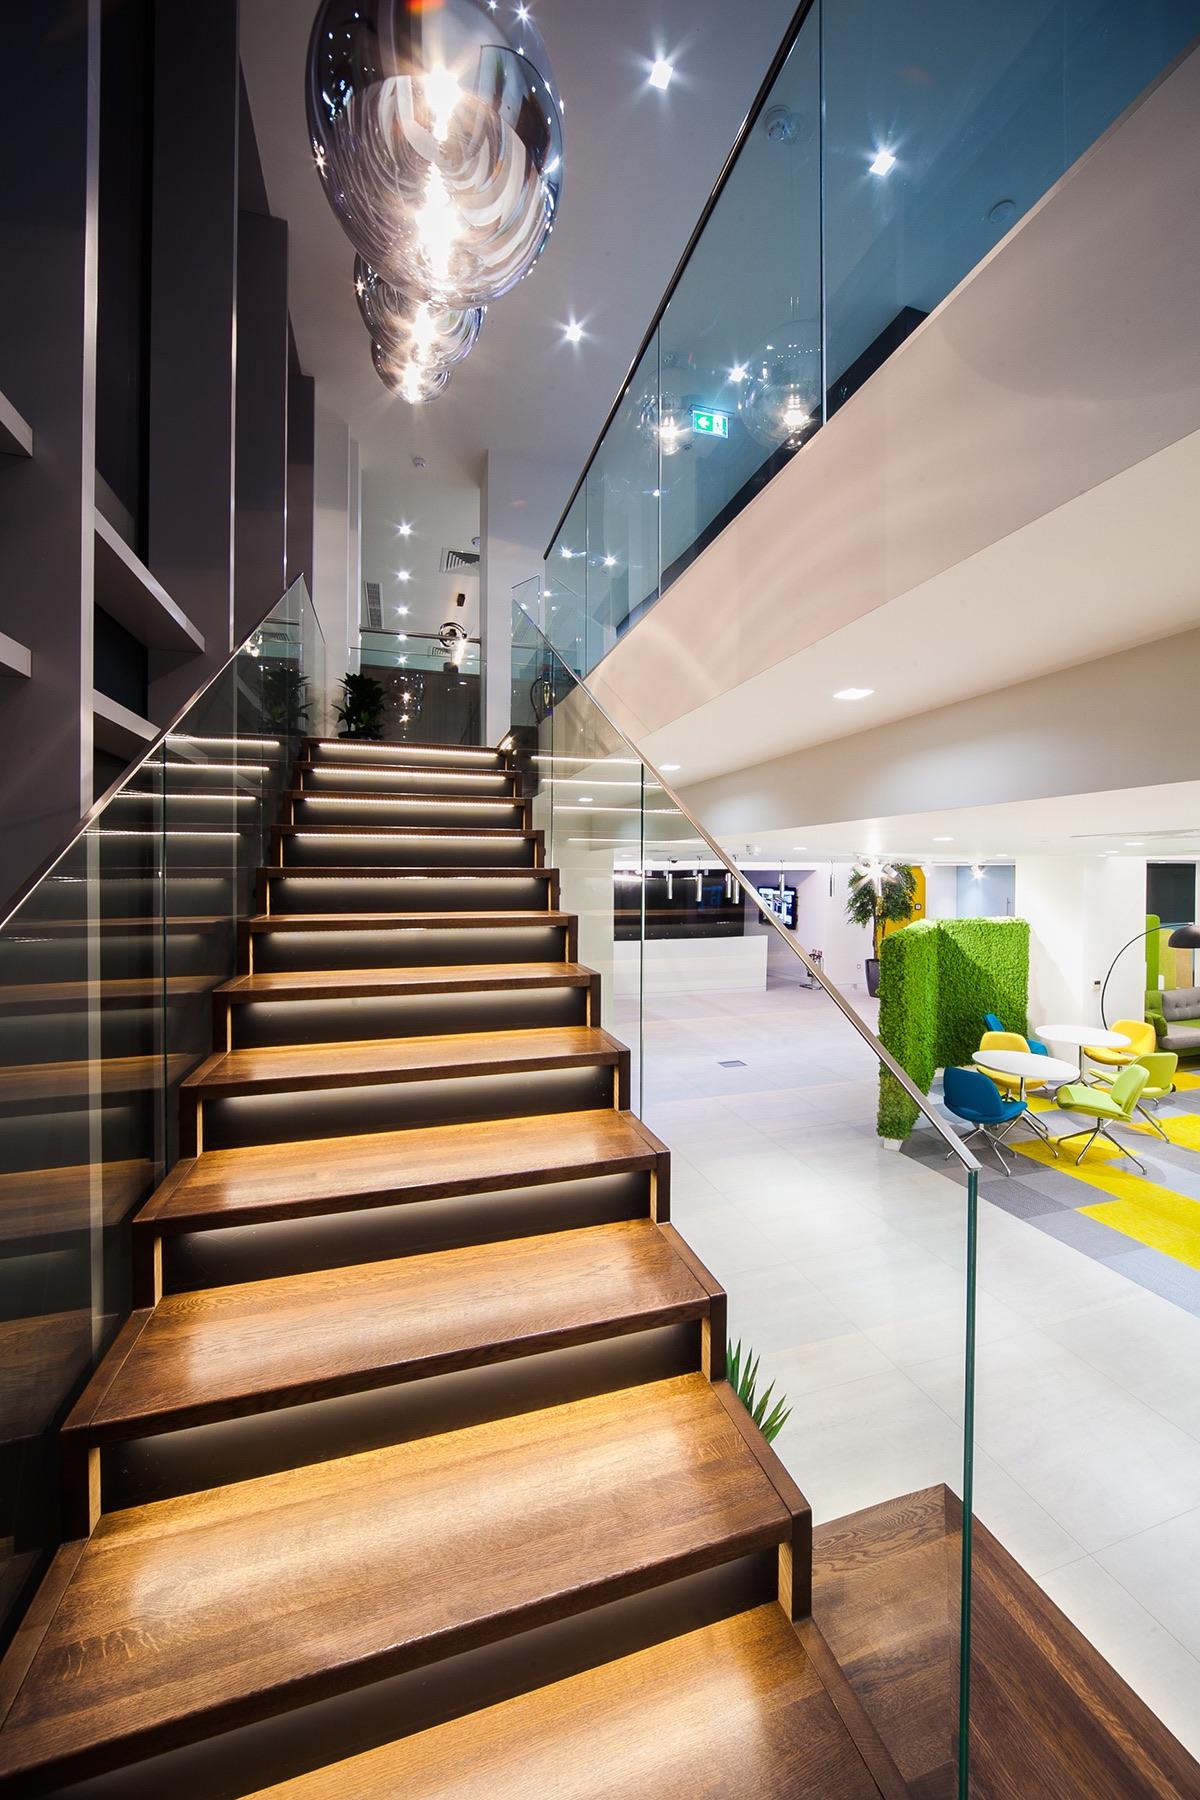 mdc-london-office-12